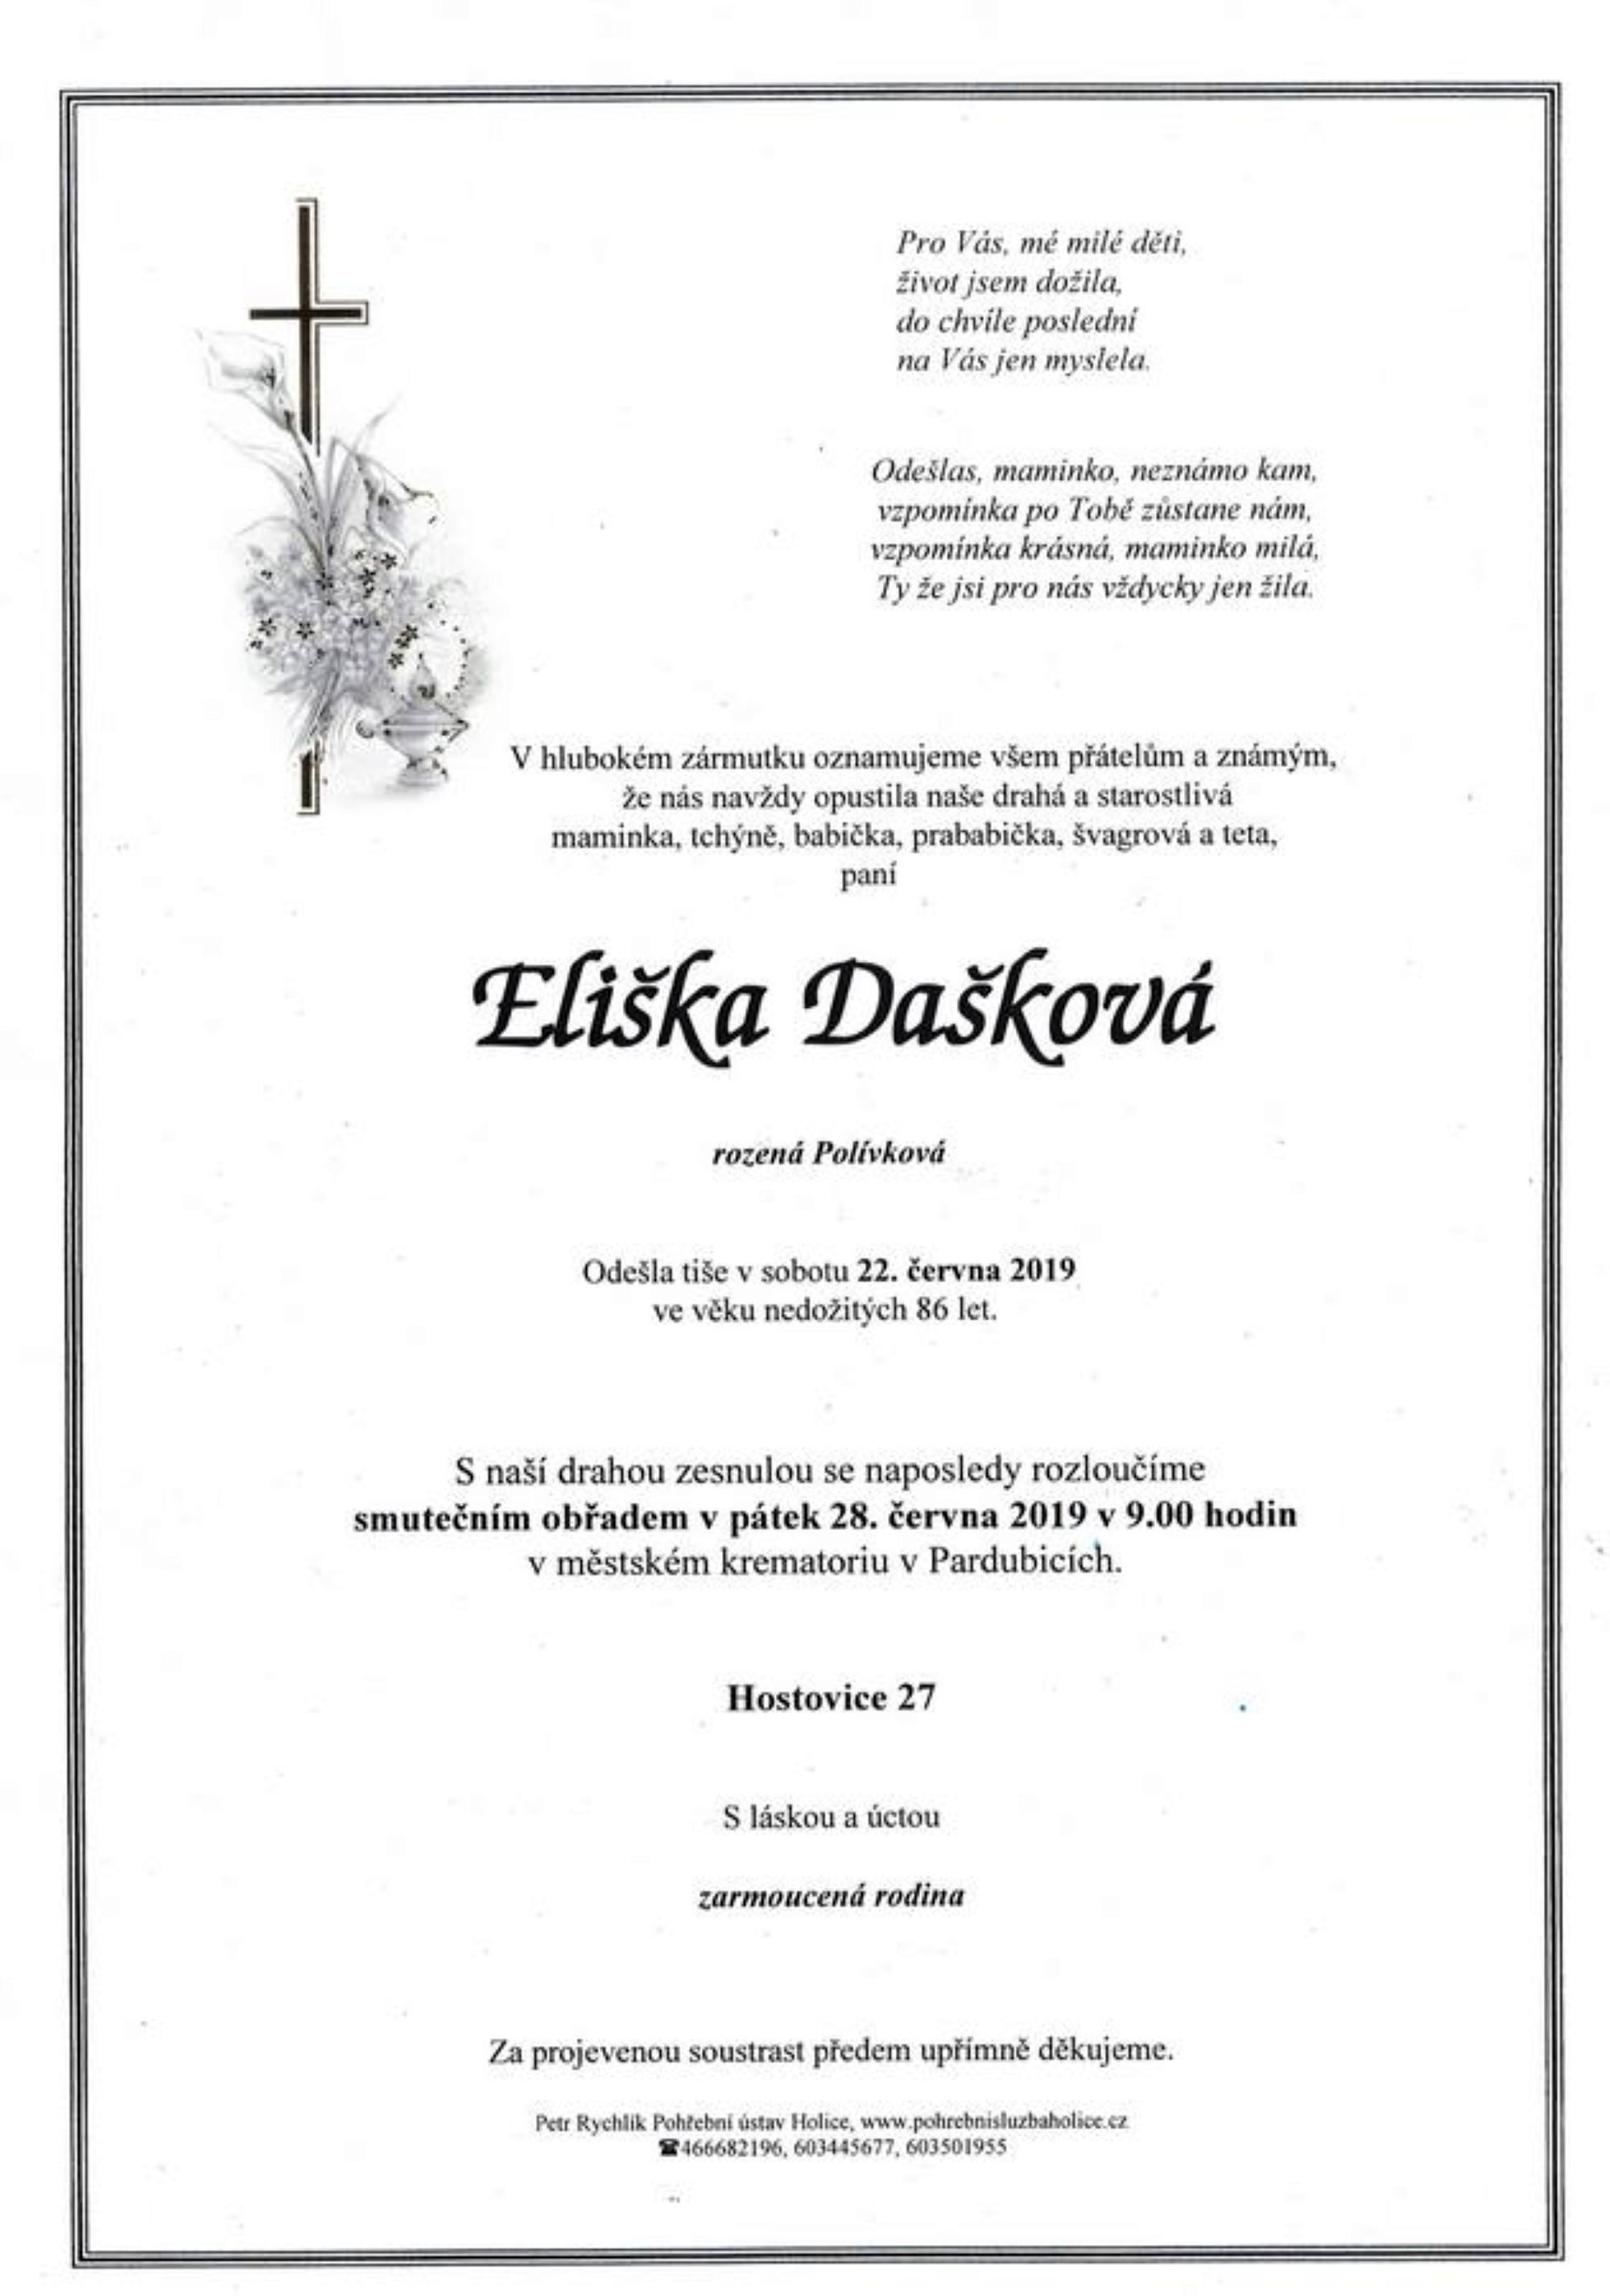 Eliška Dašková